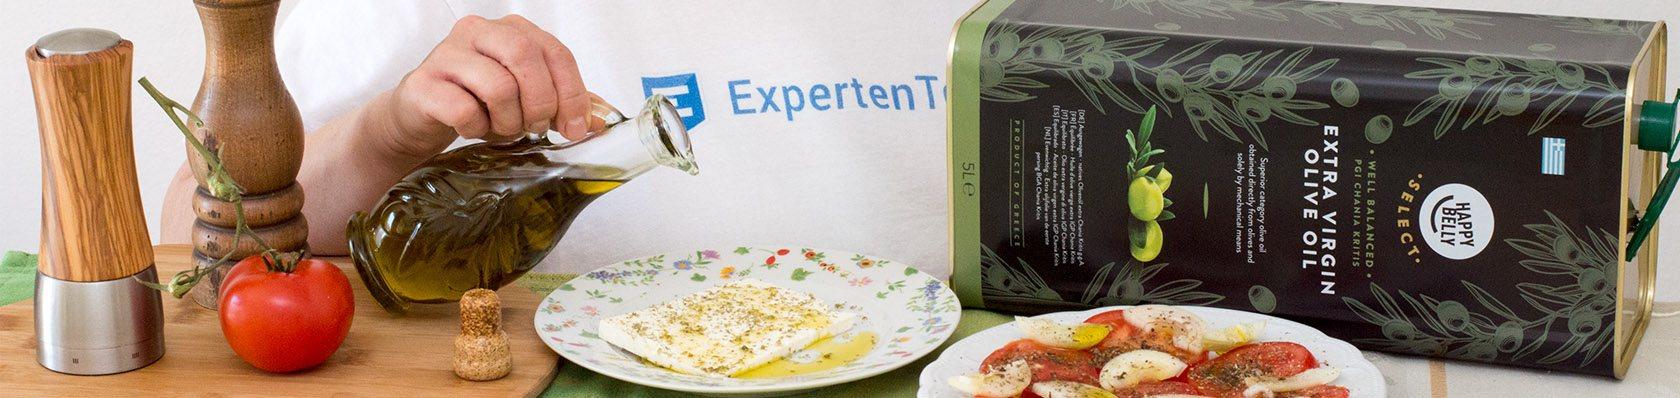 Olivenöle im Test auf ExpertenTesten.de